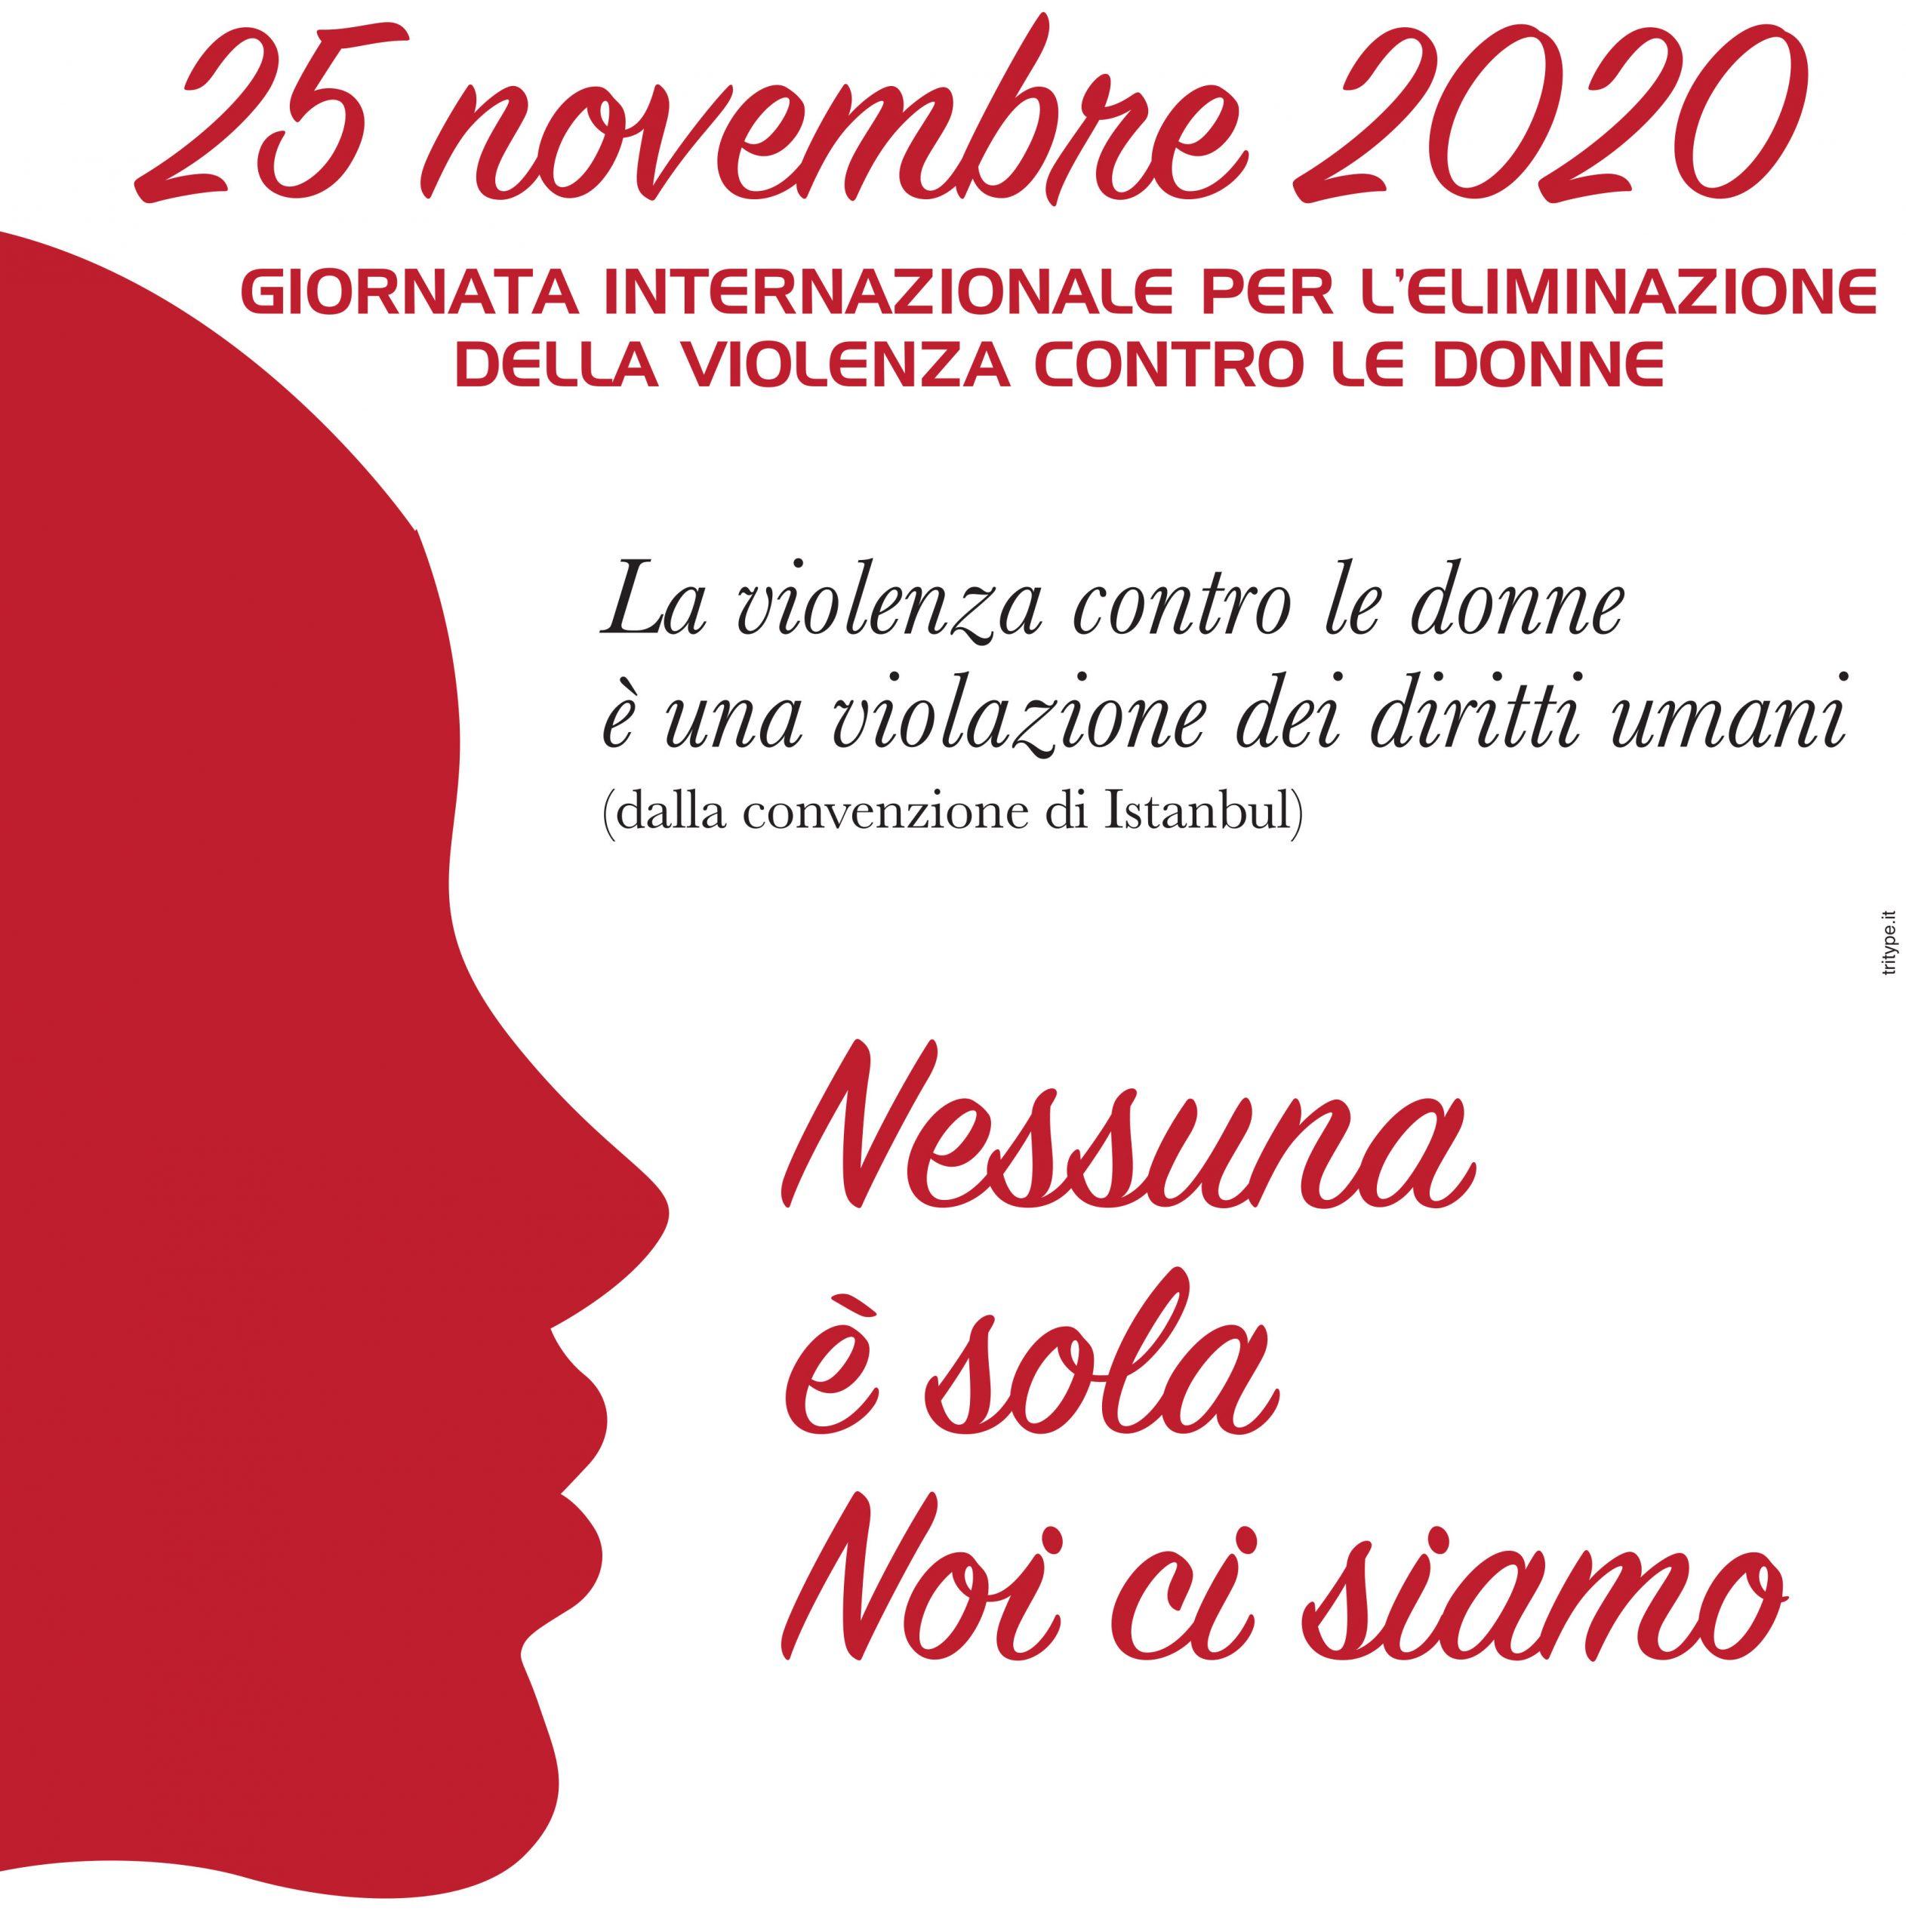 pfsiffwncujakm https www notizialocale it giornata internazionale per il contrasto alla violenza sulle donne